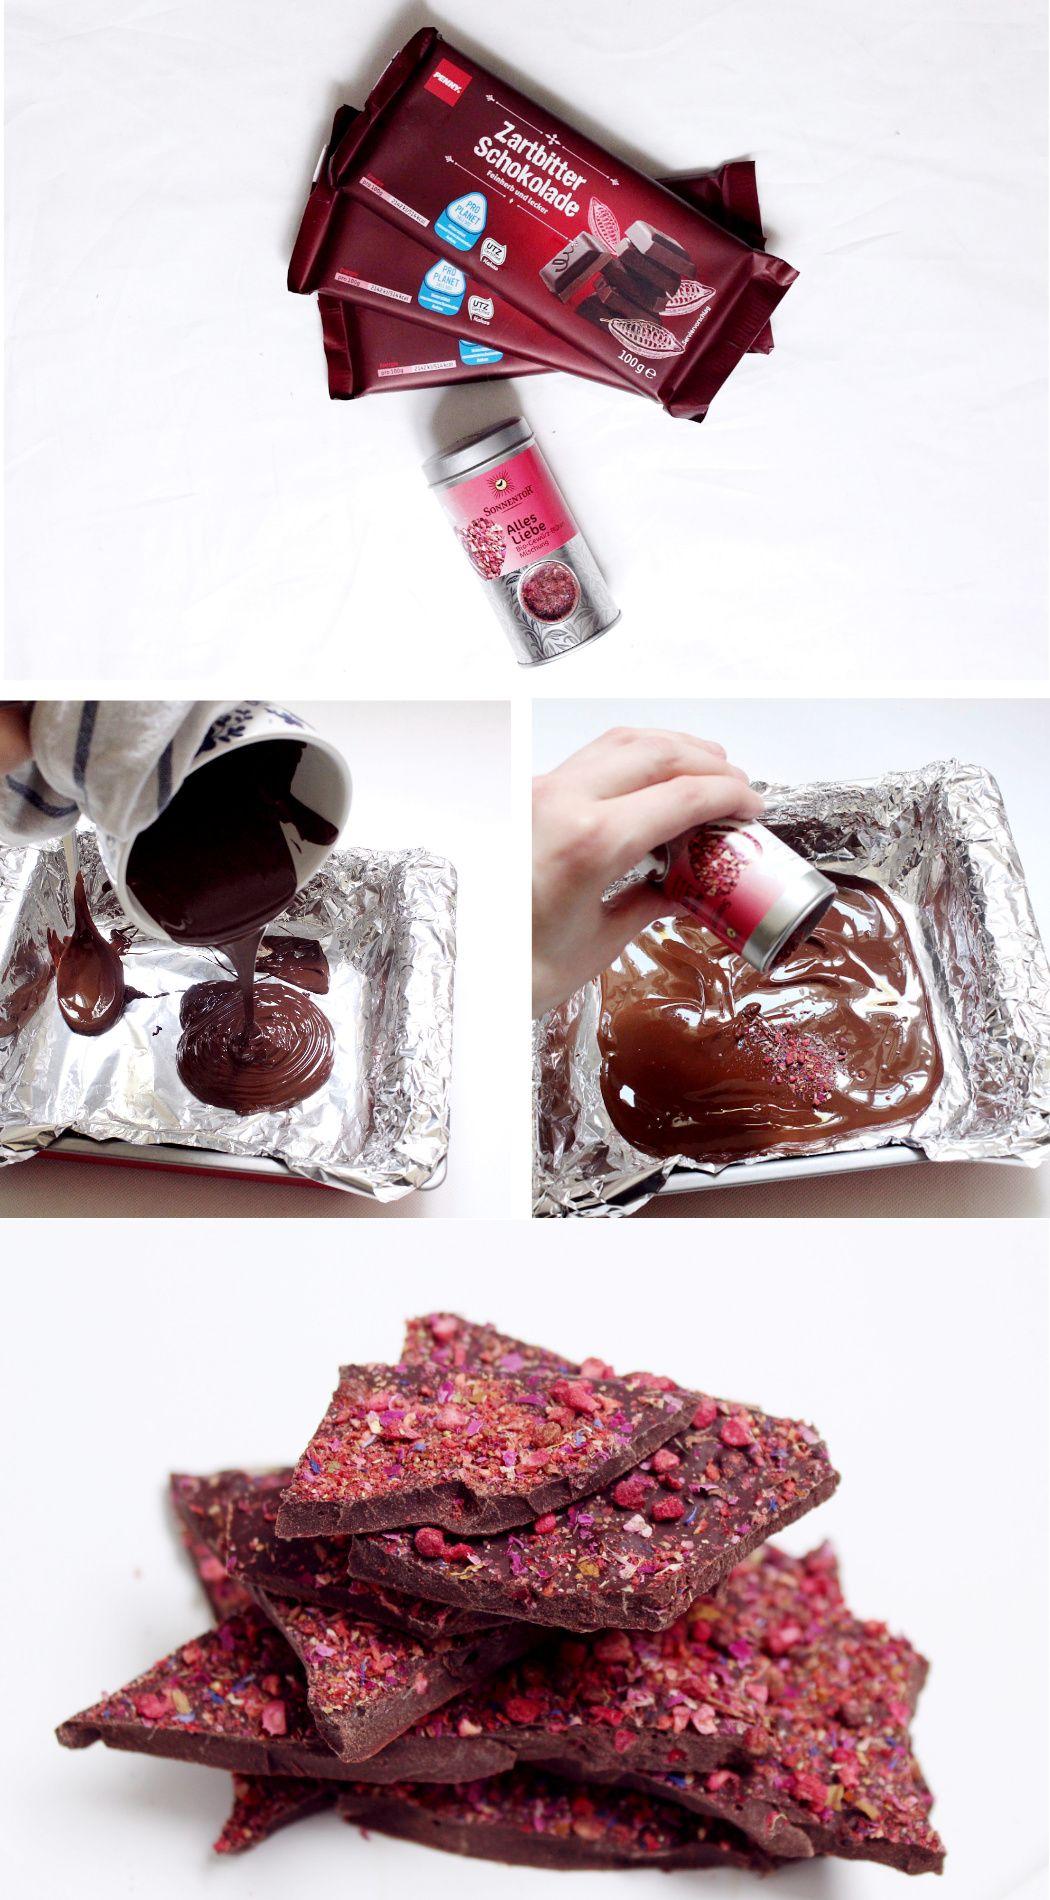 Schokolade Selber Machen- Schnelles DIY Rezept | DIY Basteln ...